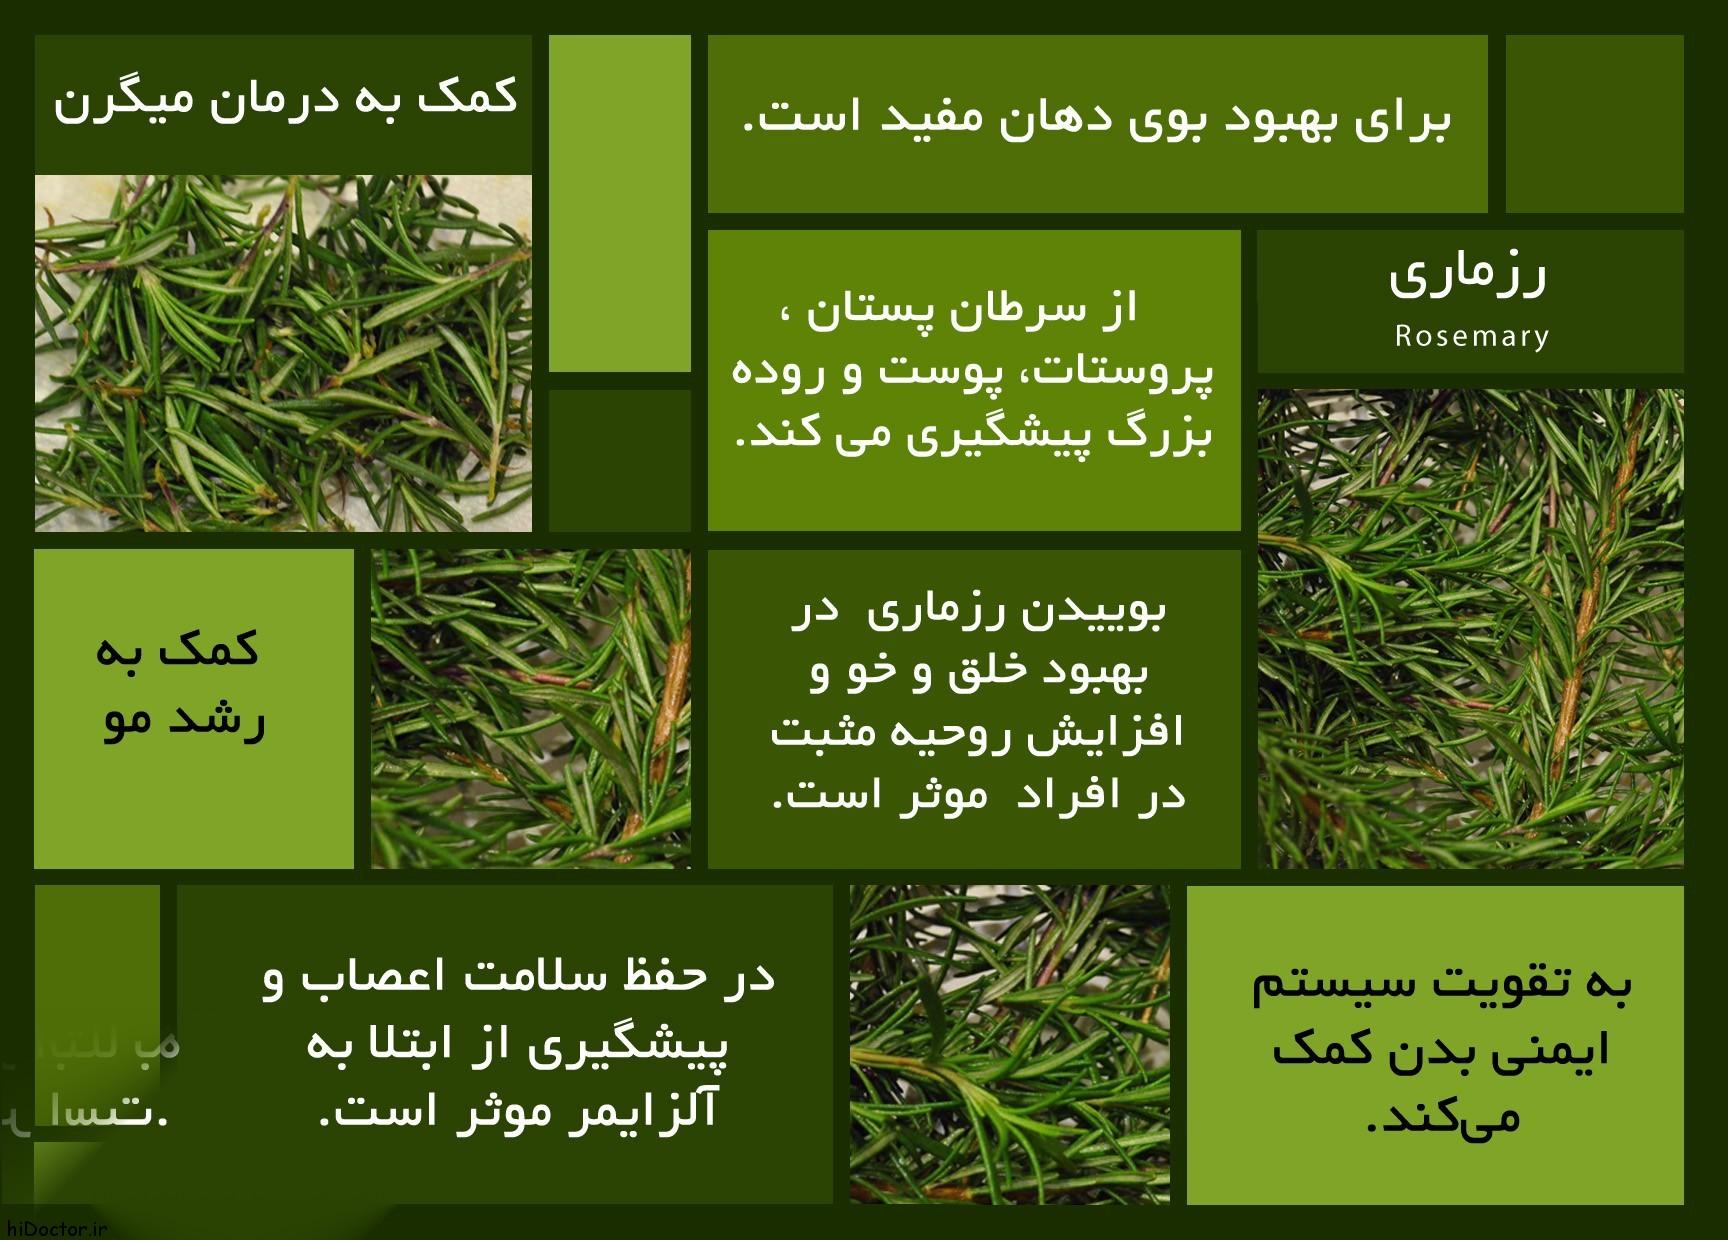 گیاه رزماری یا اکلیل کوهی